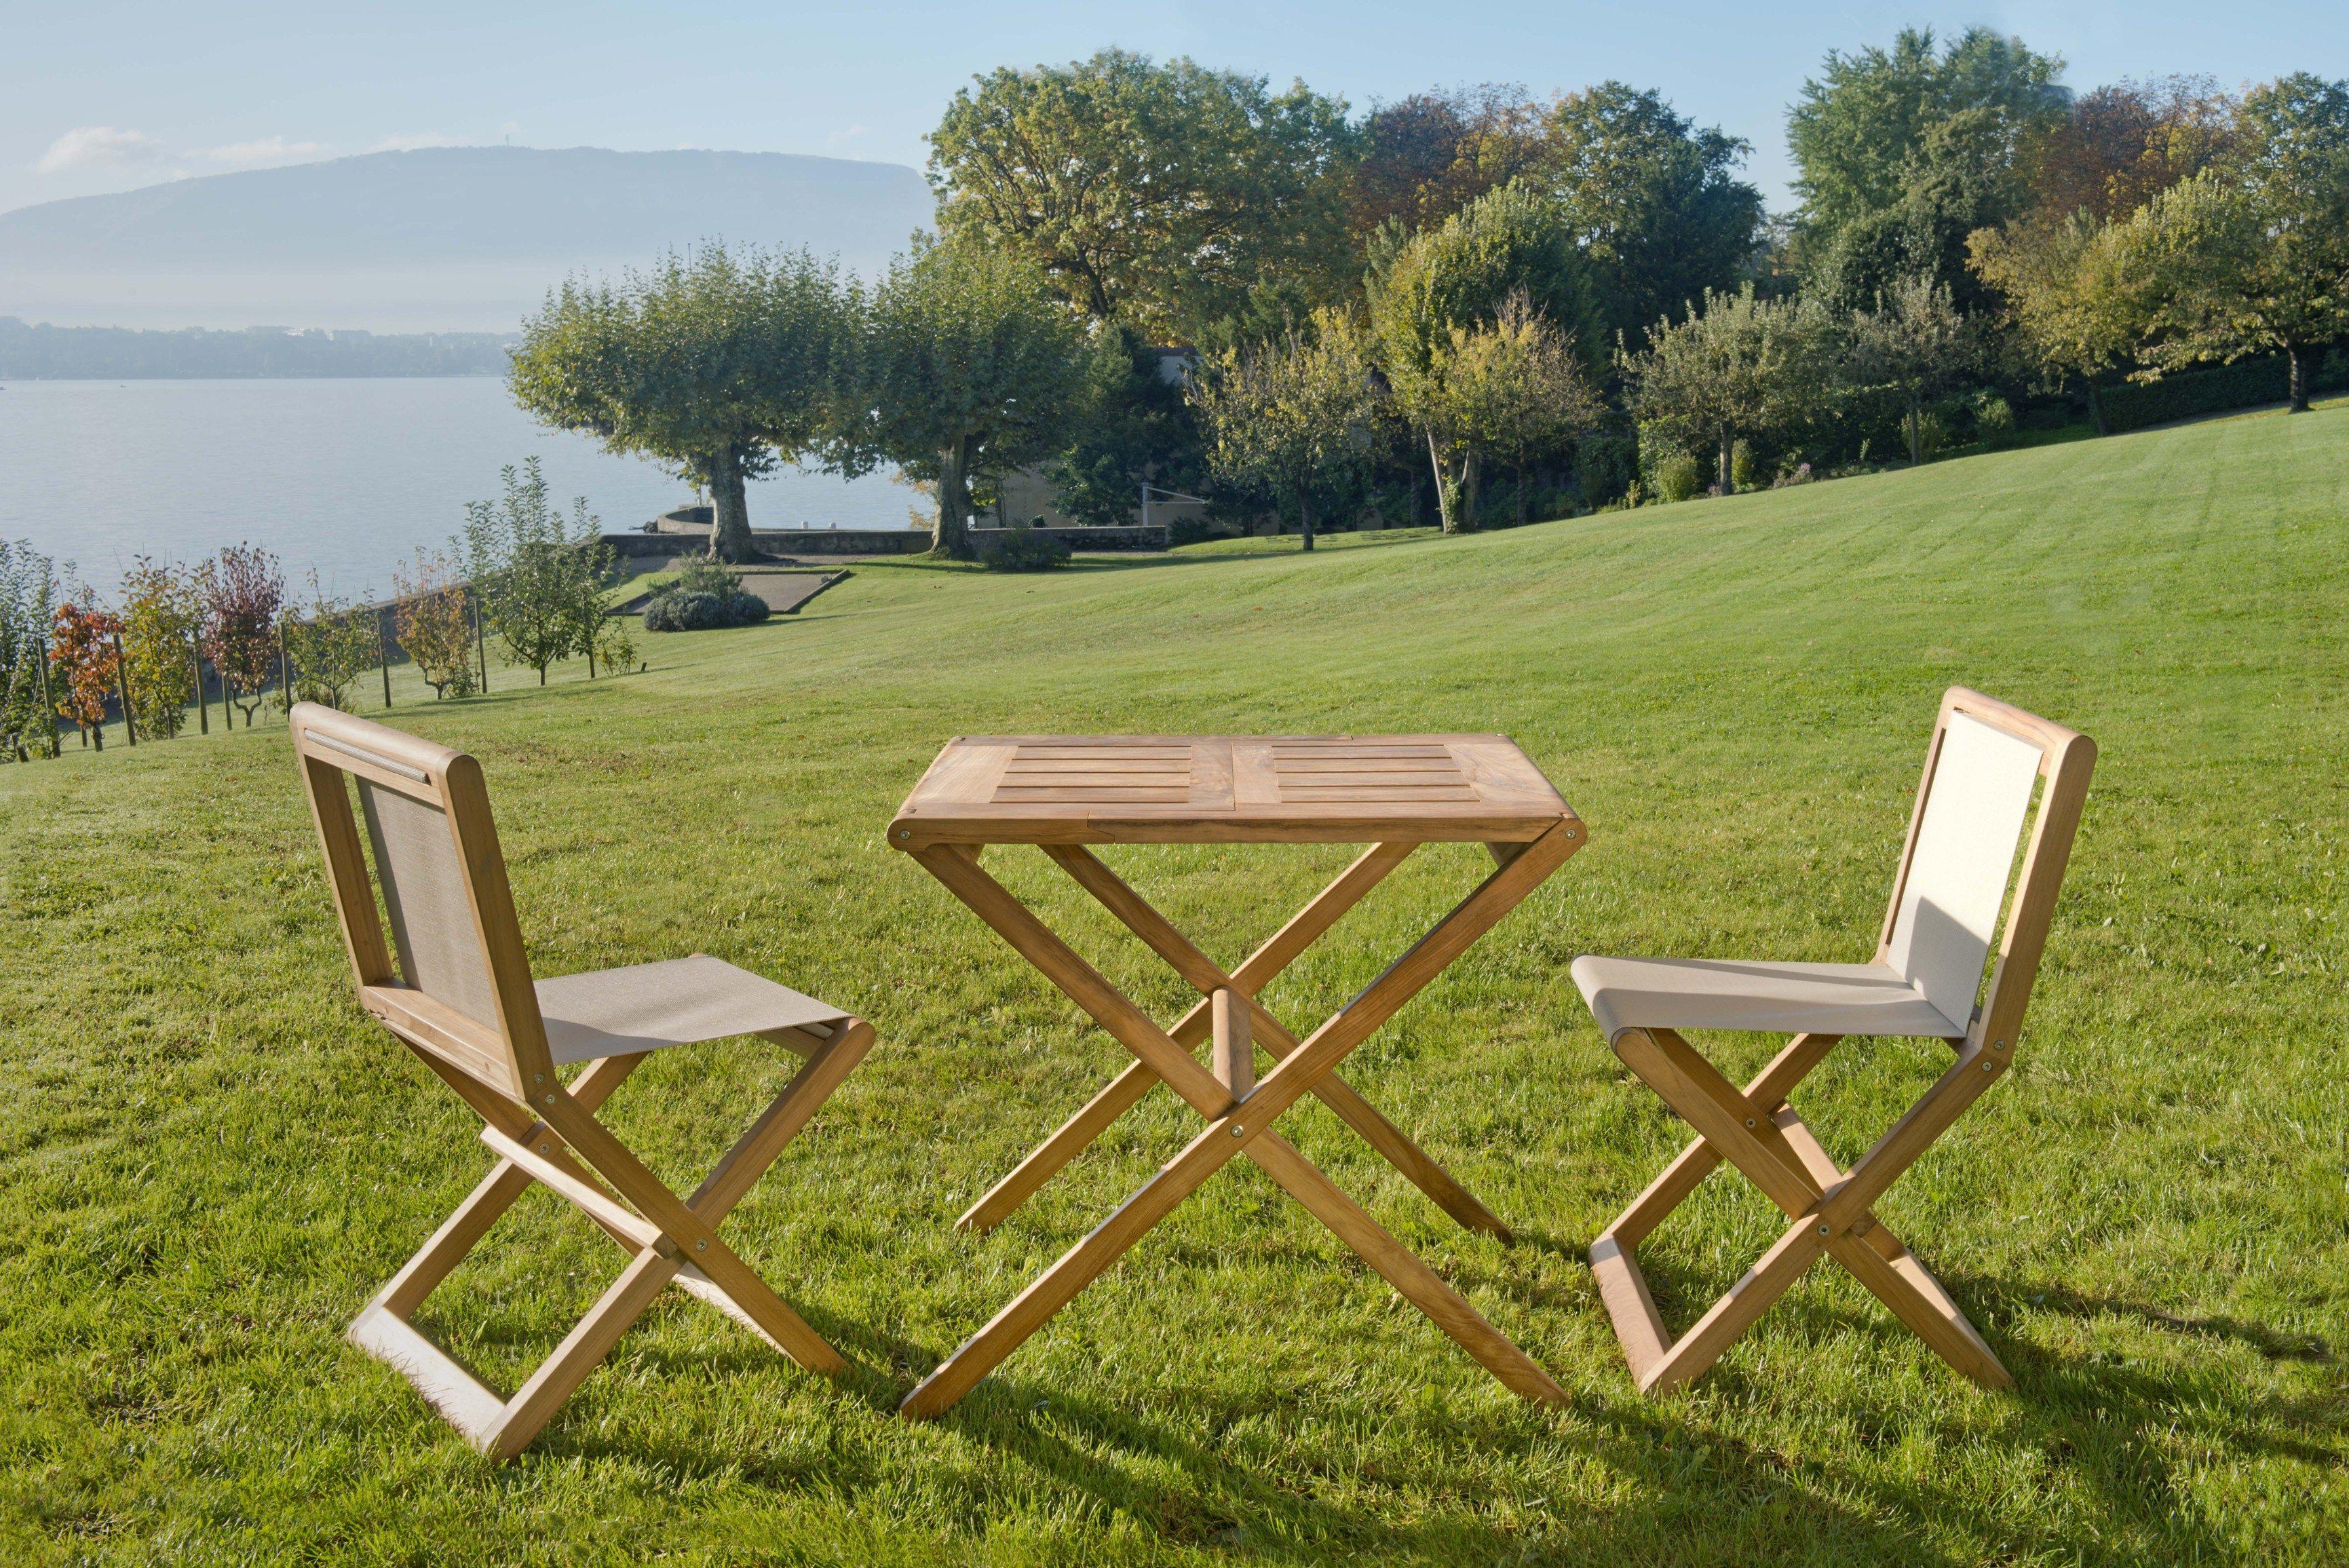 Copacabana Outdoor Collection By Christophe Delcourt For Tectona Outdoor Garden Furniture Garden Table